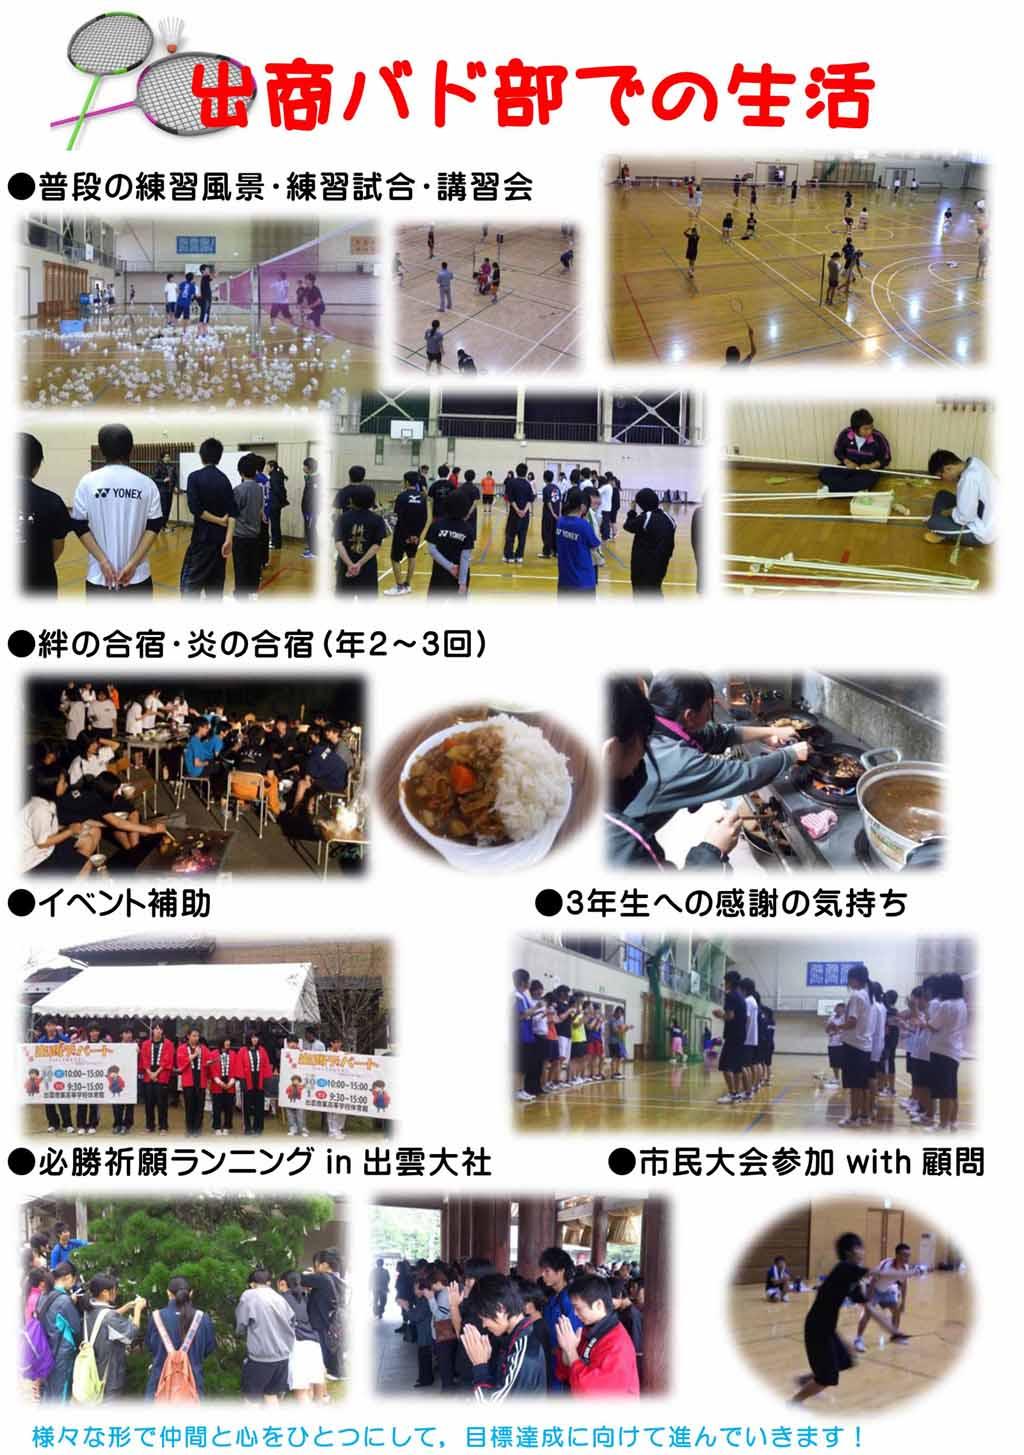 http://www.shimanet.ed.jp/izusho/bado141225.jpg